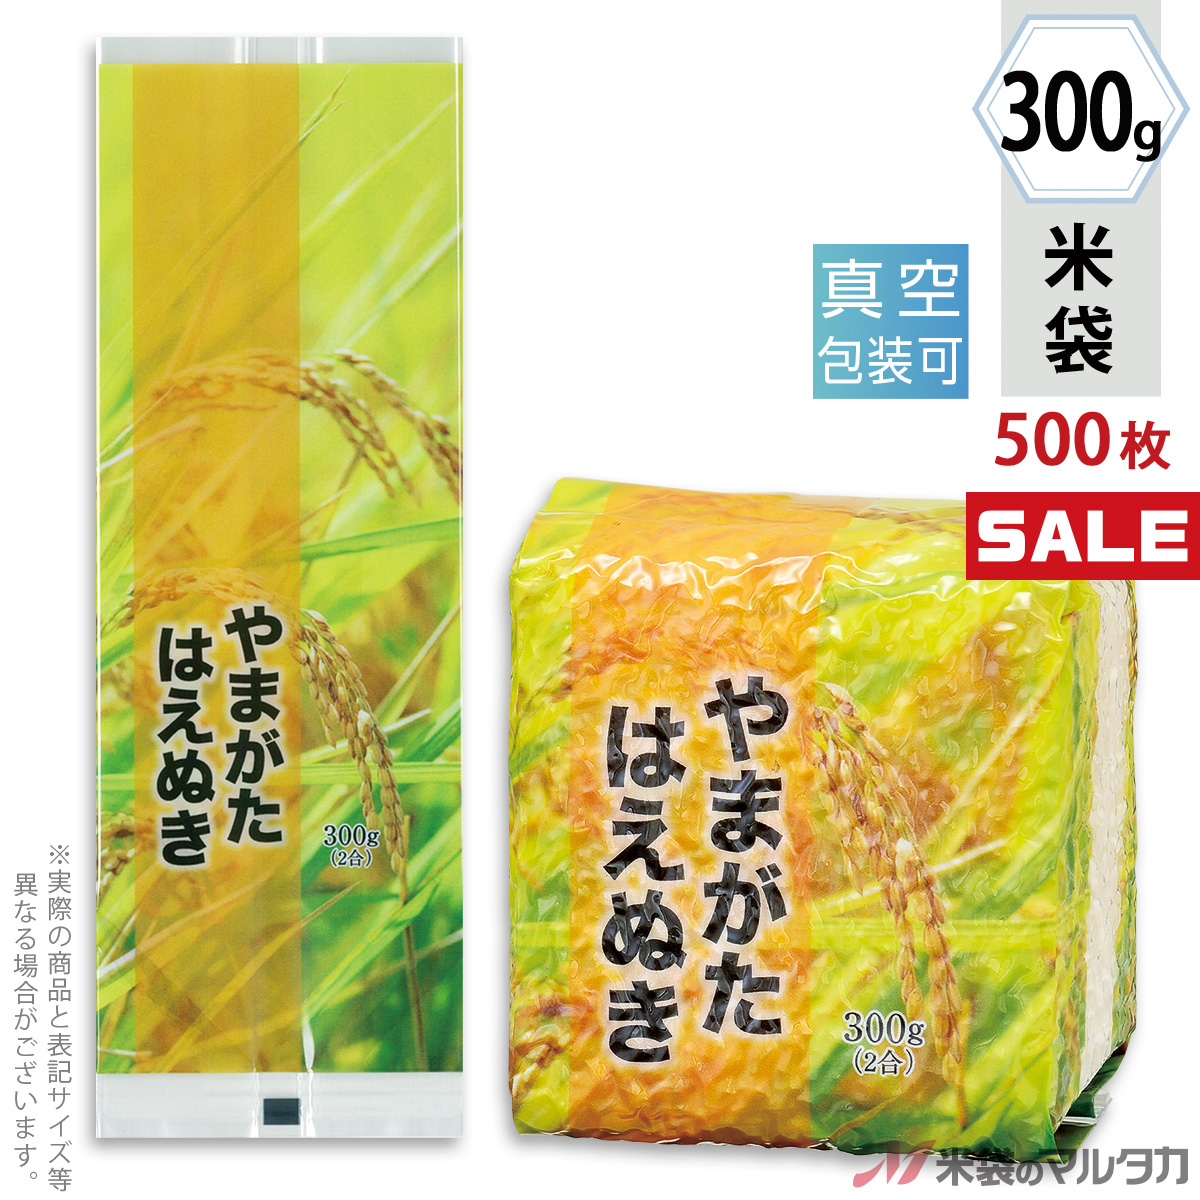 <キャンペーン対応>米袋 ラミ 真空小袋ガゼット 山形産はえぬき かがやく穂 300g用(2合) 1ケース(500枚入) VGN-416